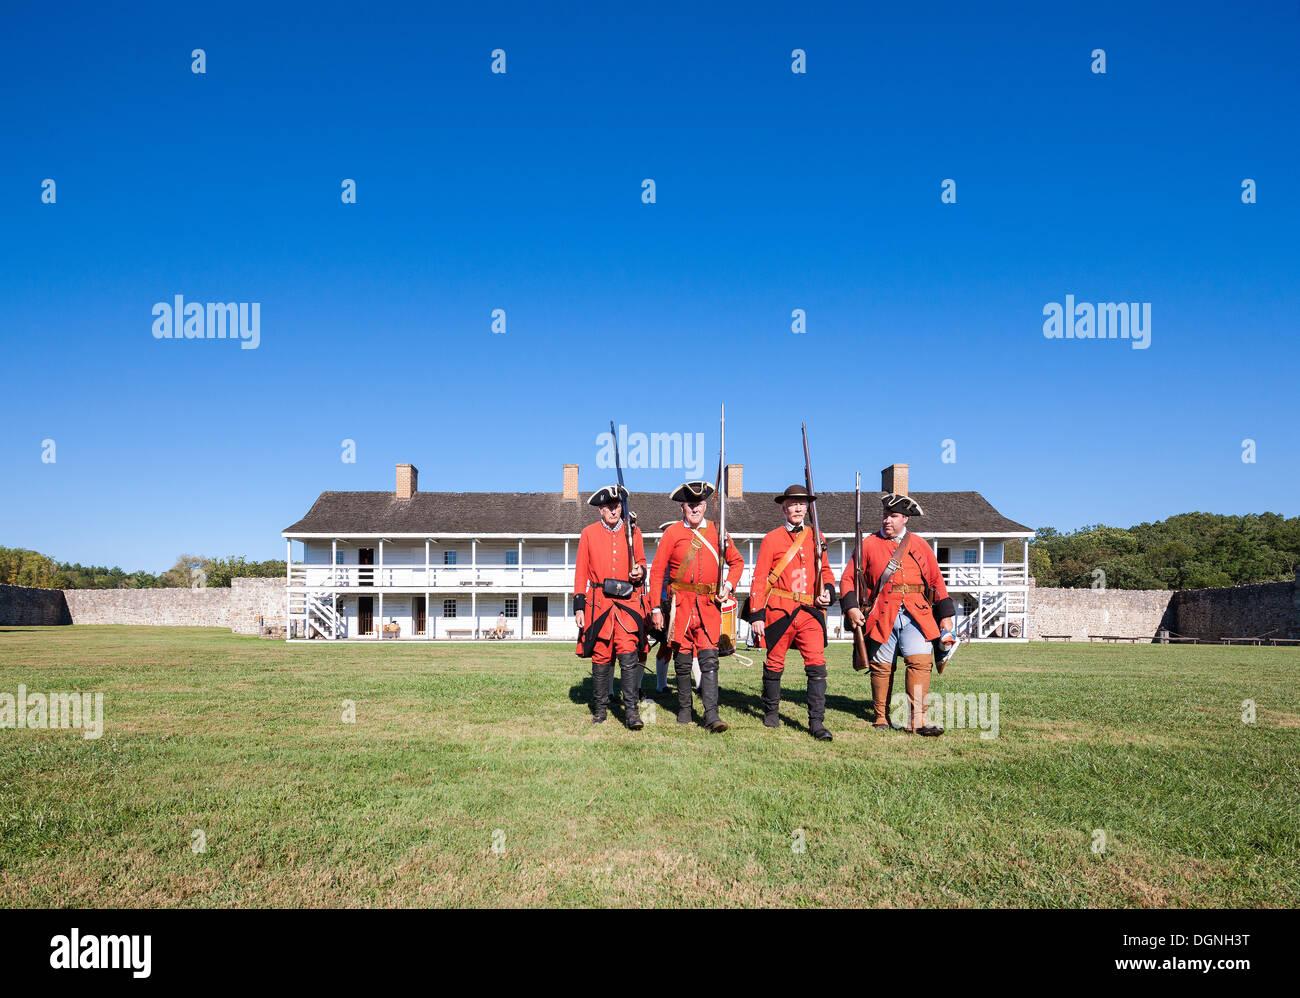 Storica del XVIII secolo nella vita quotidiana a Fort Frederick Maryland. Volontari marzo con periodo di uniformi e moschetti. Oriente caserma. Immagini Stock